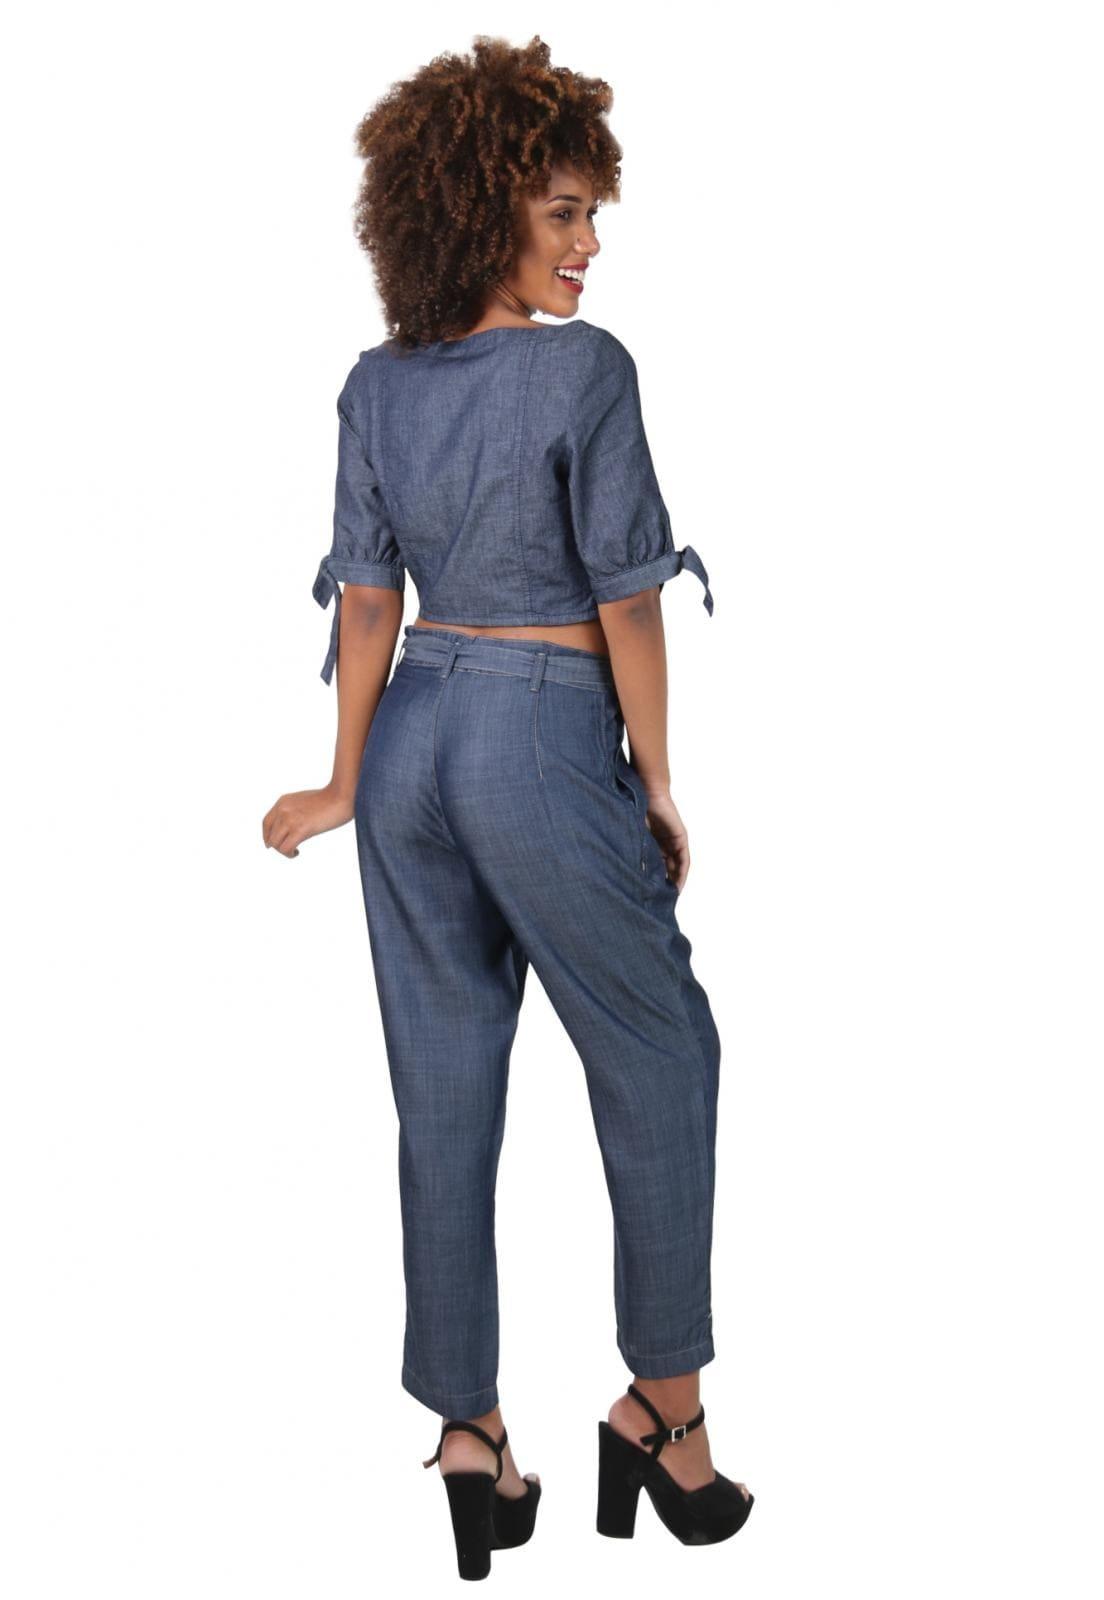 Calça Jeans Feminina Carrot com Laço Cintura Escura